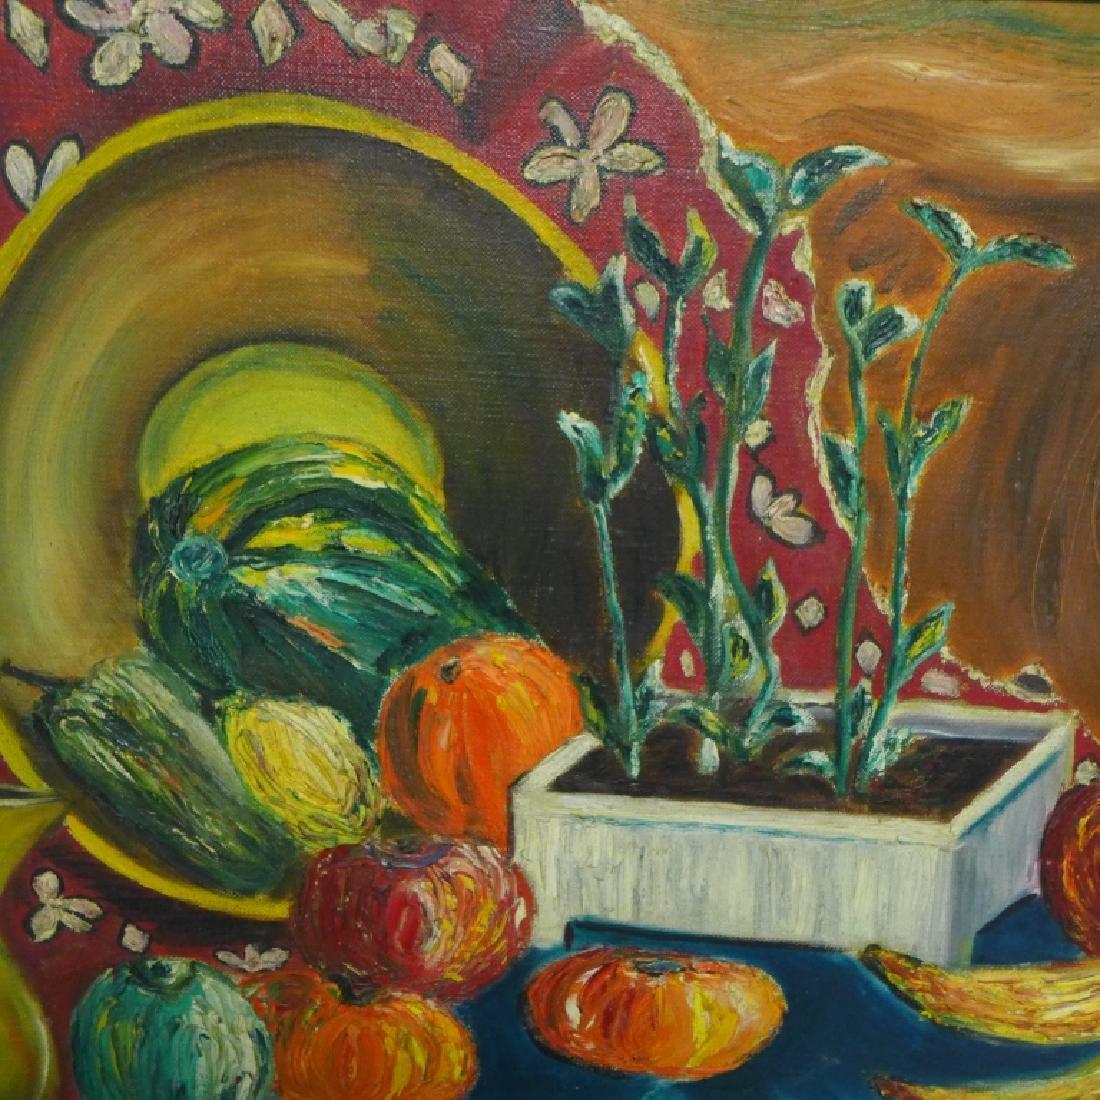 Modern Still Life Painting - 4